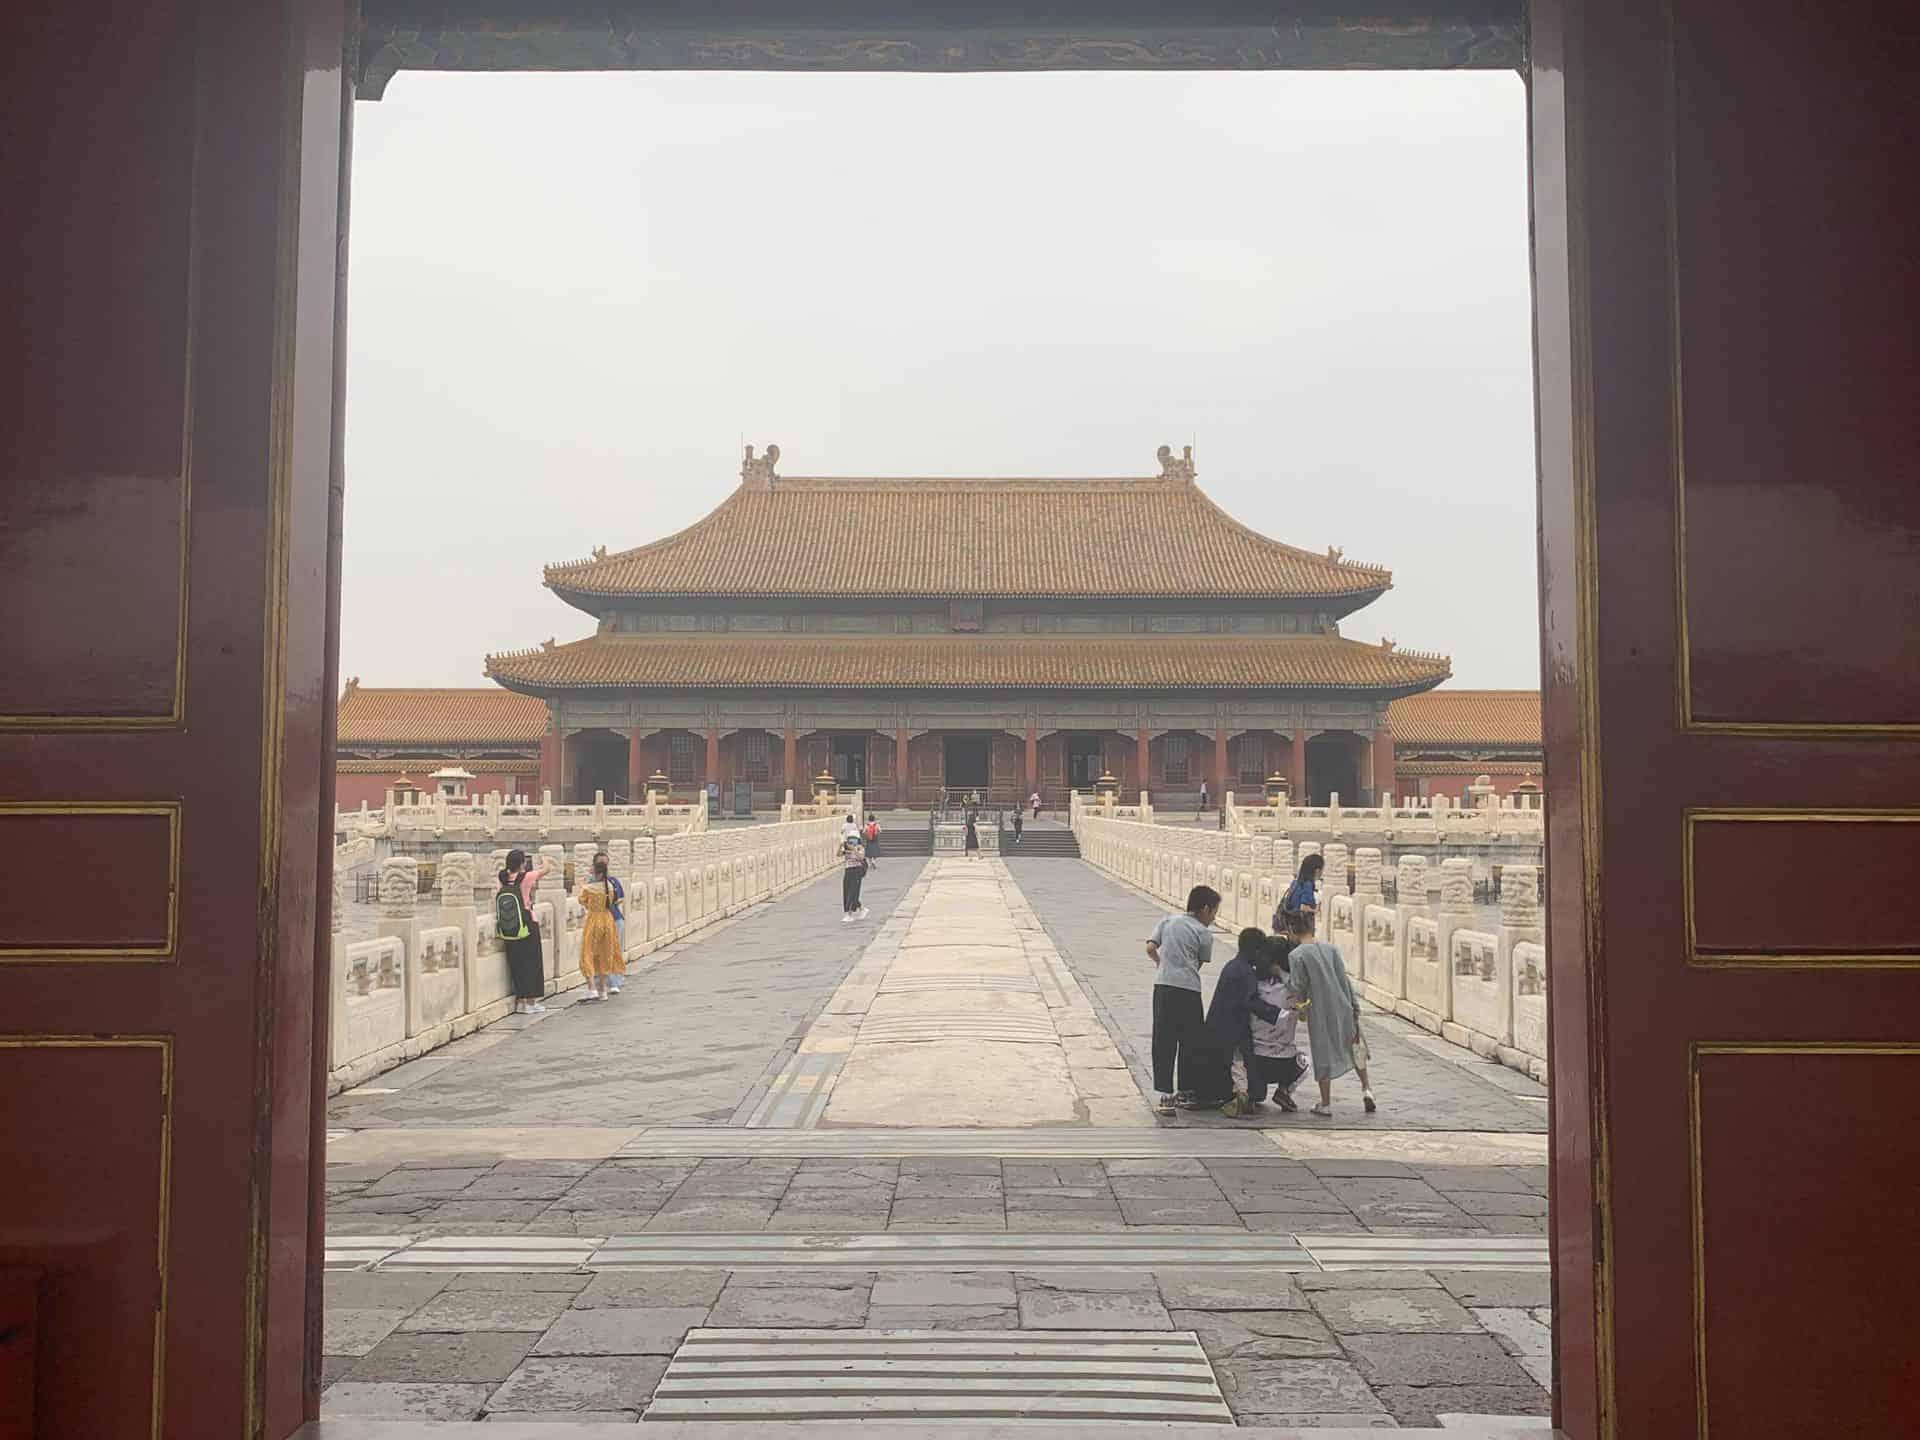 beijingforbiddencity_ProceedingfromTourPoint7toTourPoint8